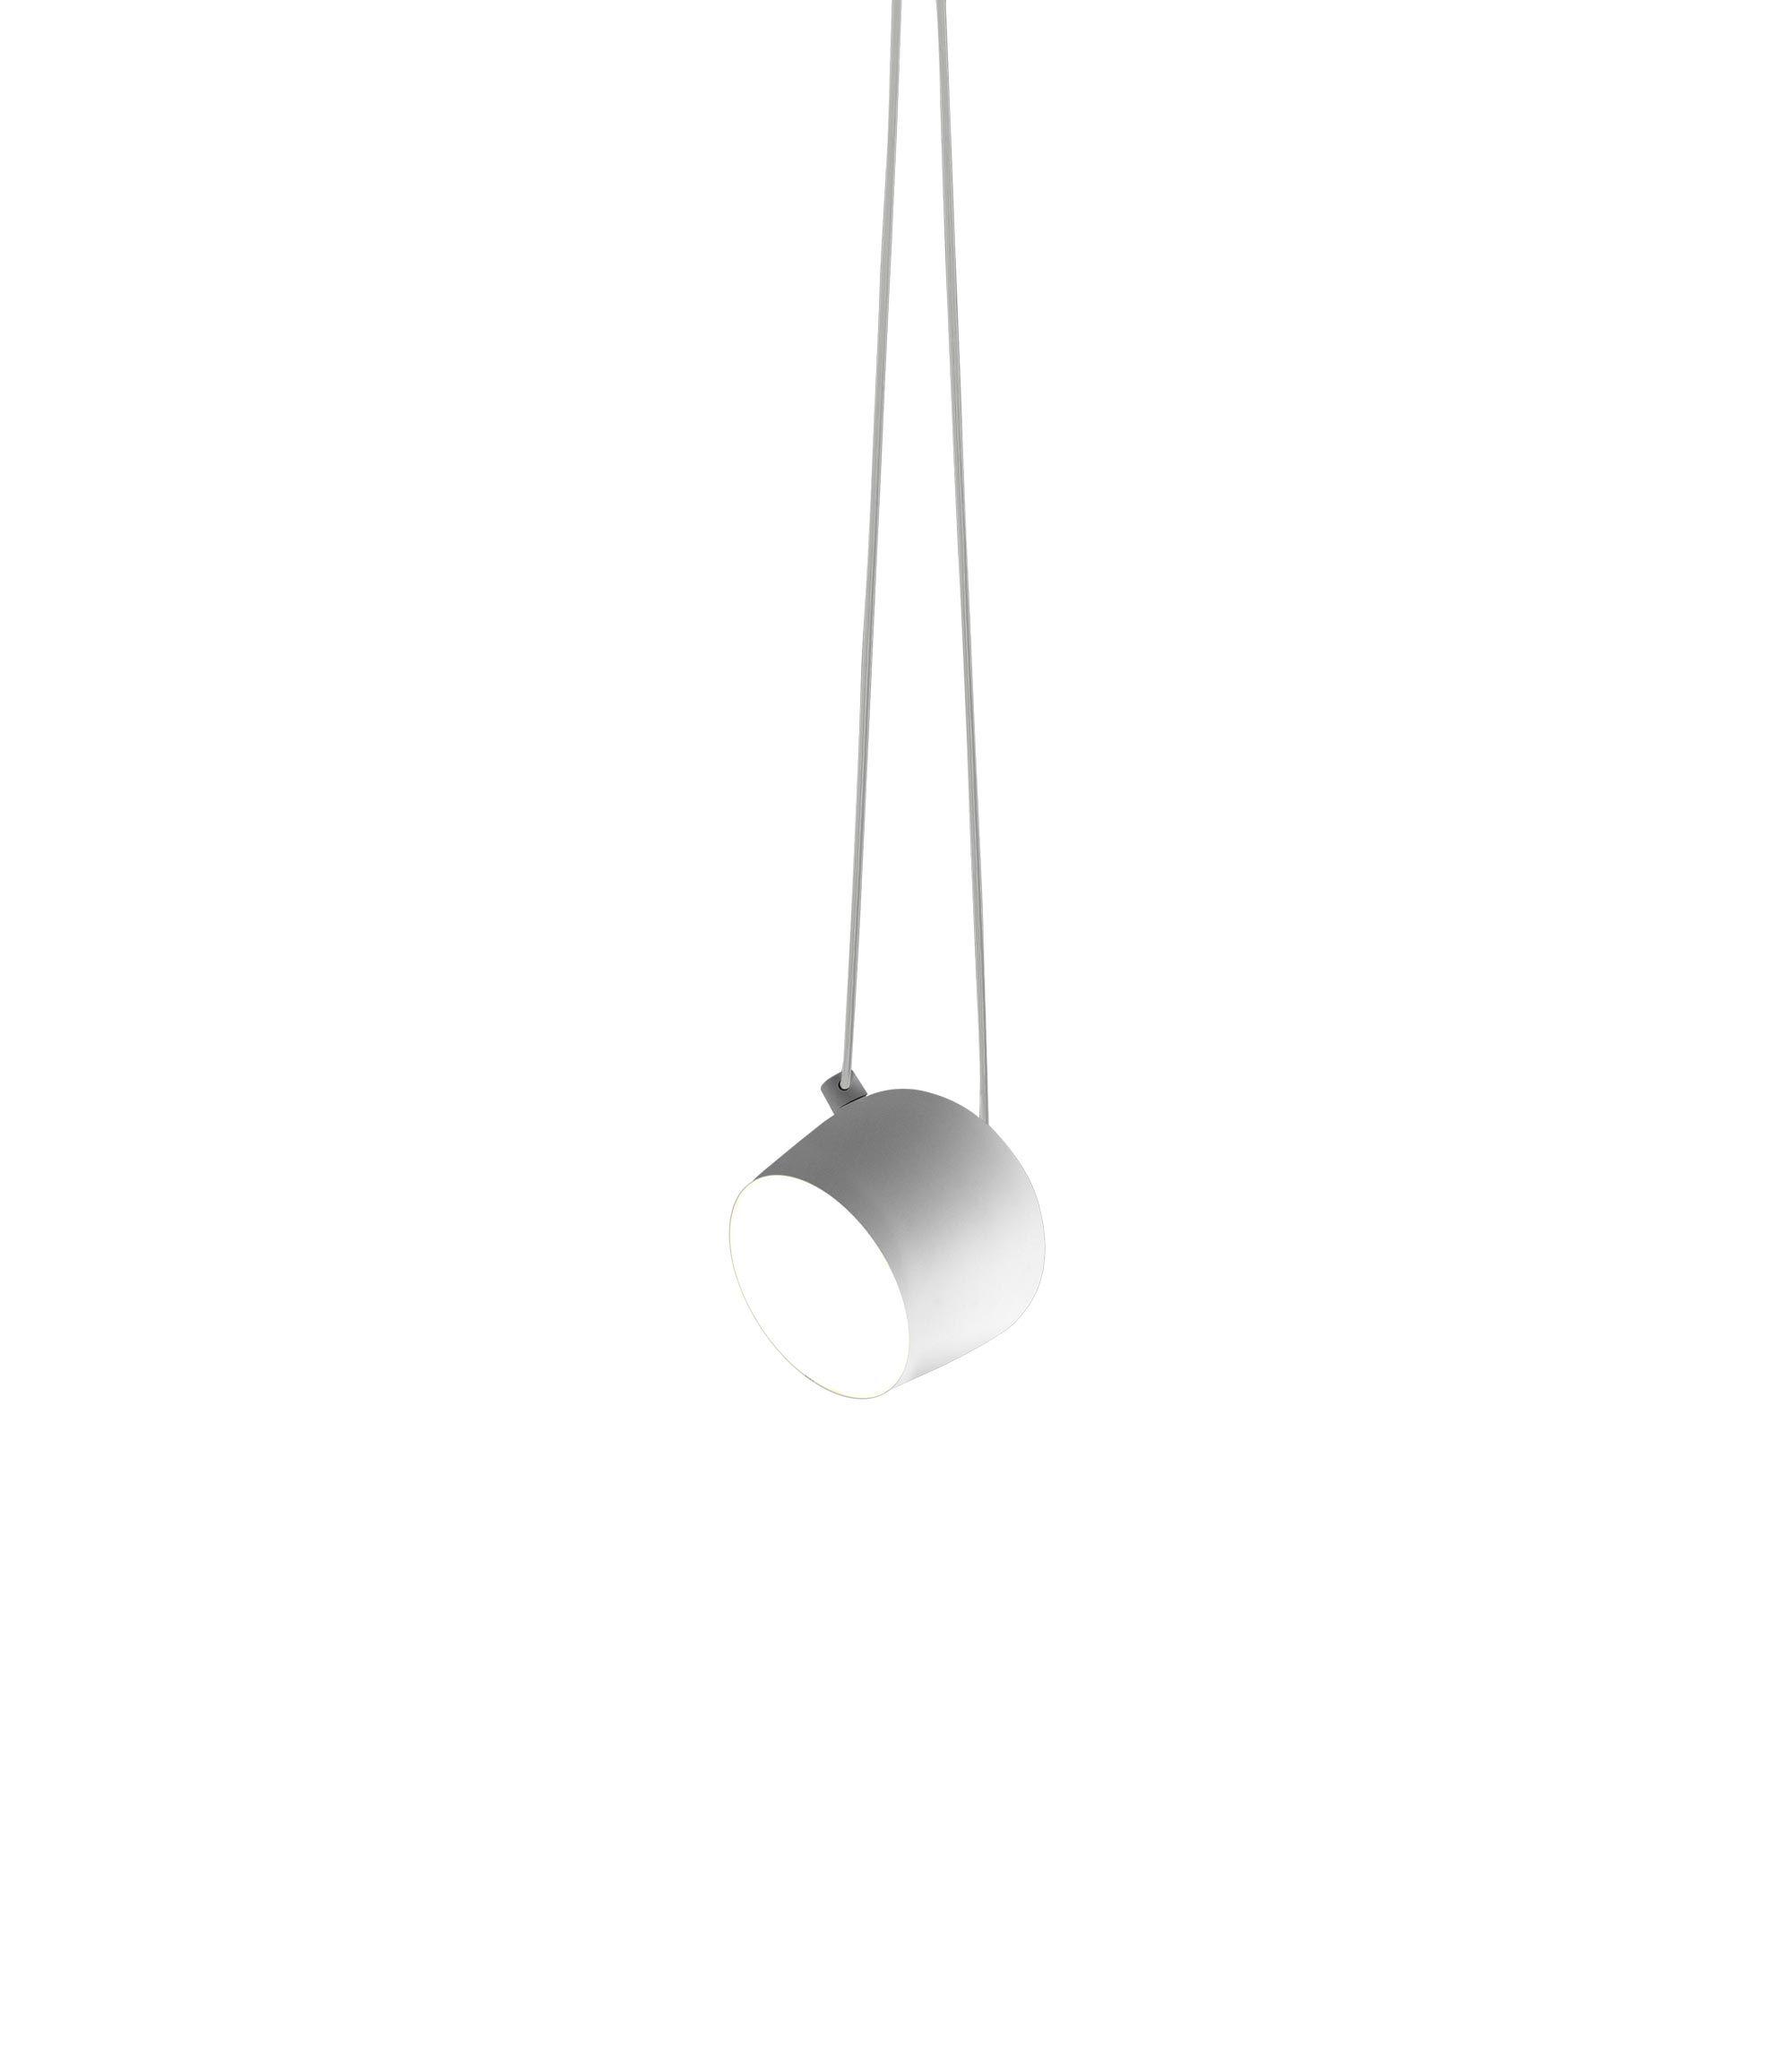 Aim White Pendant Light Light Fittings Pendant Lighting